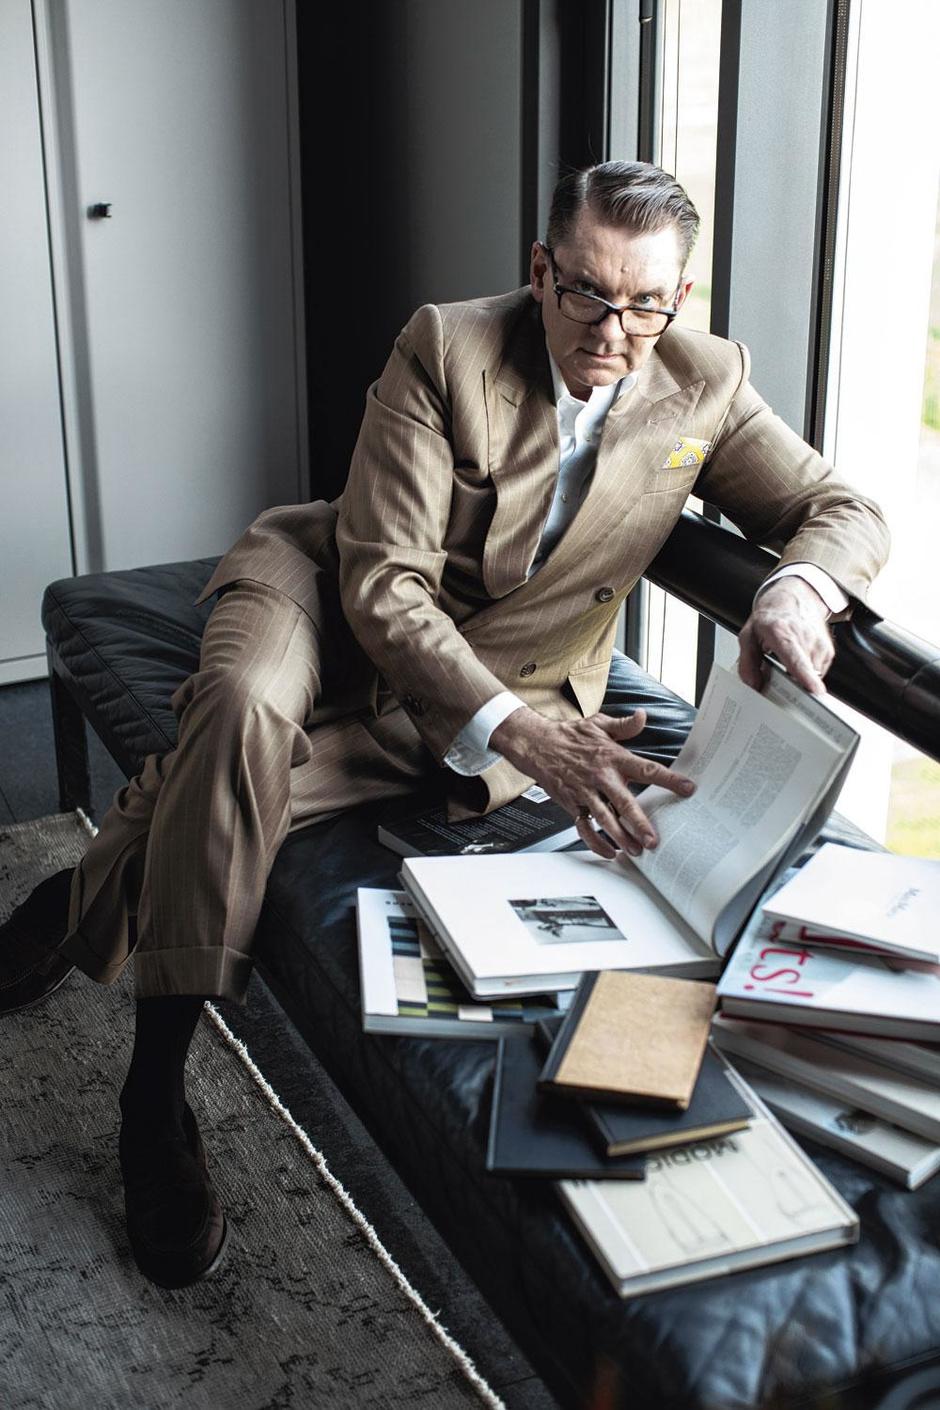 Rebel Ian Griffith, ontwerper van Max Mara: 'Met trends houd ik me niet bezig'